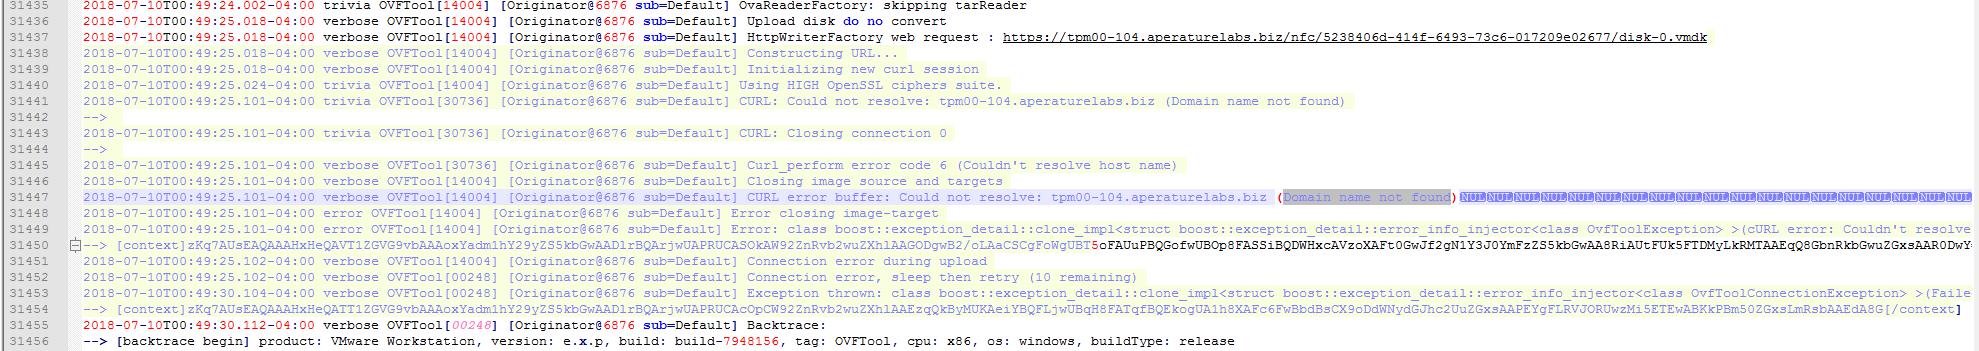 Curl error code